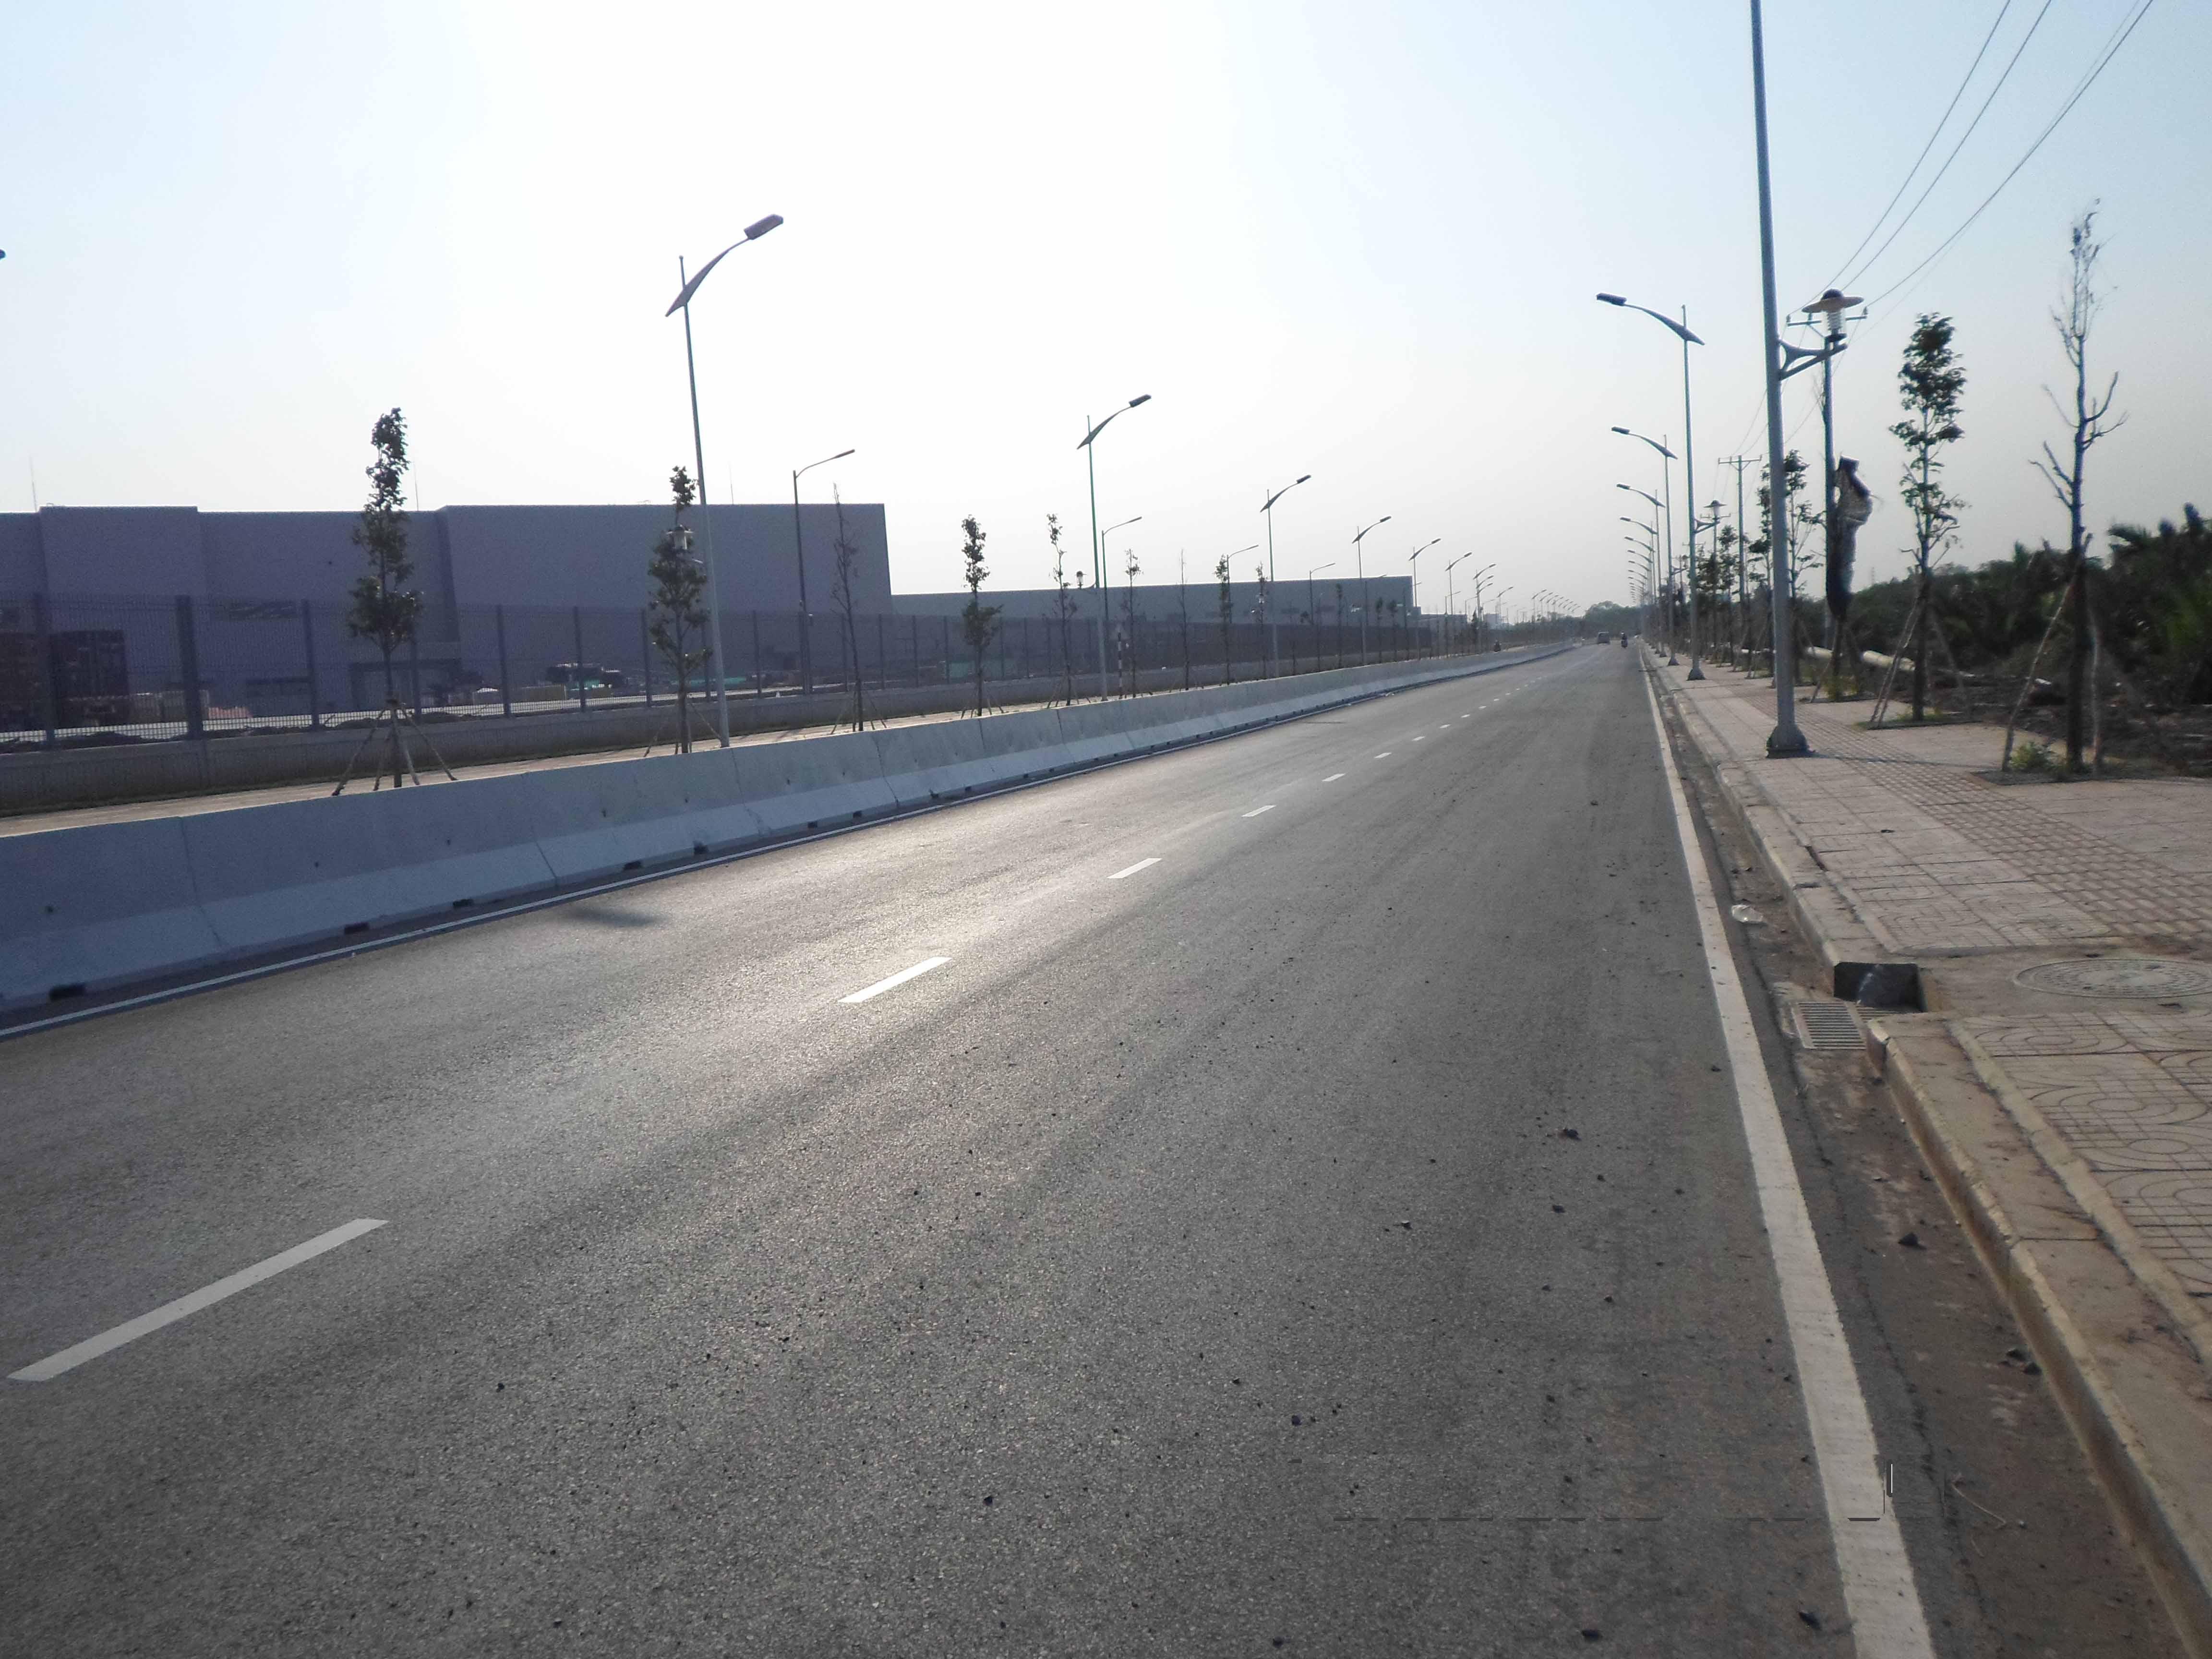 Đường liên cảng Cái Mép Thị Vải - Vũng Tàu